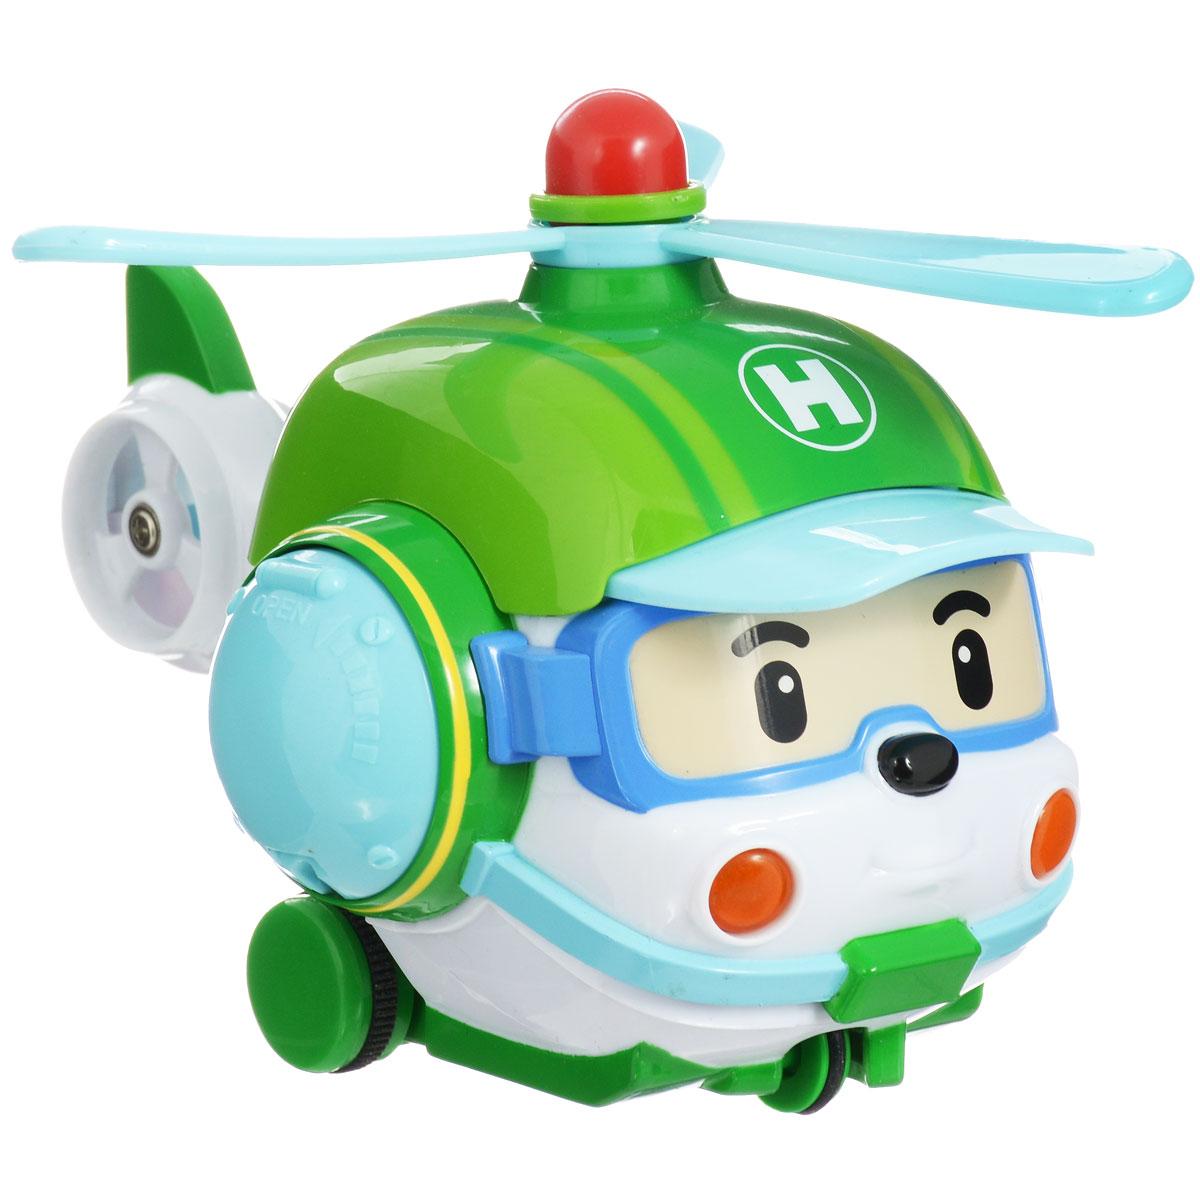 """Радиоуправляемая игрушка со световыми эффектами """"Хэли"""" привлечет внимание вашего ребенка и не позволит ему скучать. Она выполнена из прочного пластика голубого и зеленого цветов в виде вертолетика Хэли - персонажа мультфильма """"Робокар Поли и его друзья"""". Игрушка может двигаться вперед, поворачивать направо и разворачиваться. Во время движения у нее светятся фары. Колеса вертолета дополнены резиновыми вставками, которые исключают скольжение игрушки на гладкой поверхности. К вертолету прилагается пульт с инфракрасным дистанционным управлением, на котором имеются две крупные кнопки выбора направления движения игрушки и кнопка включения. В комплект входит инструкция по эксплуатации на русском языке. Такая замечательная игрушка подарит вашему малышу массу положительных эмоций! Для работы машинки необходимы 3 батареи напряжением 1,5V типа АА, для работы пульта управления 1 батарея напряжением 9V типа 6LR61 (не входят в комплект)."""